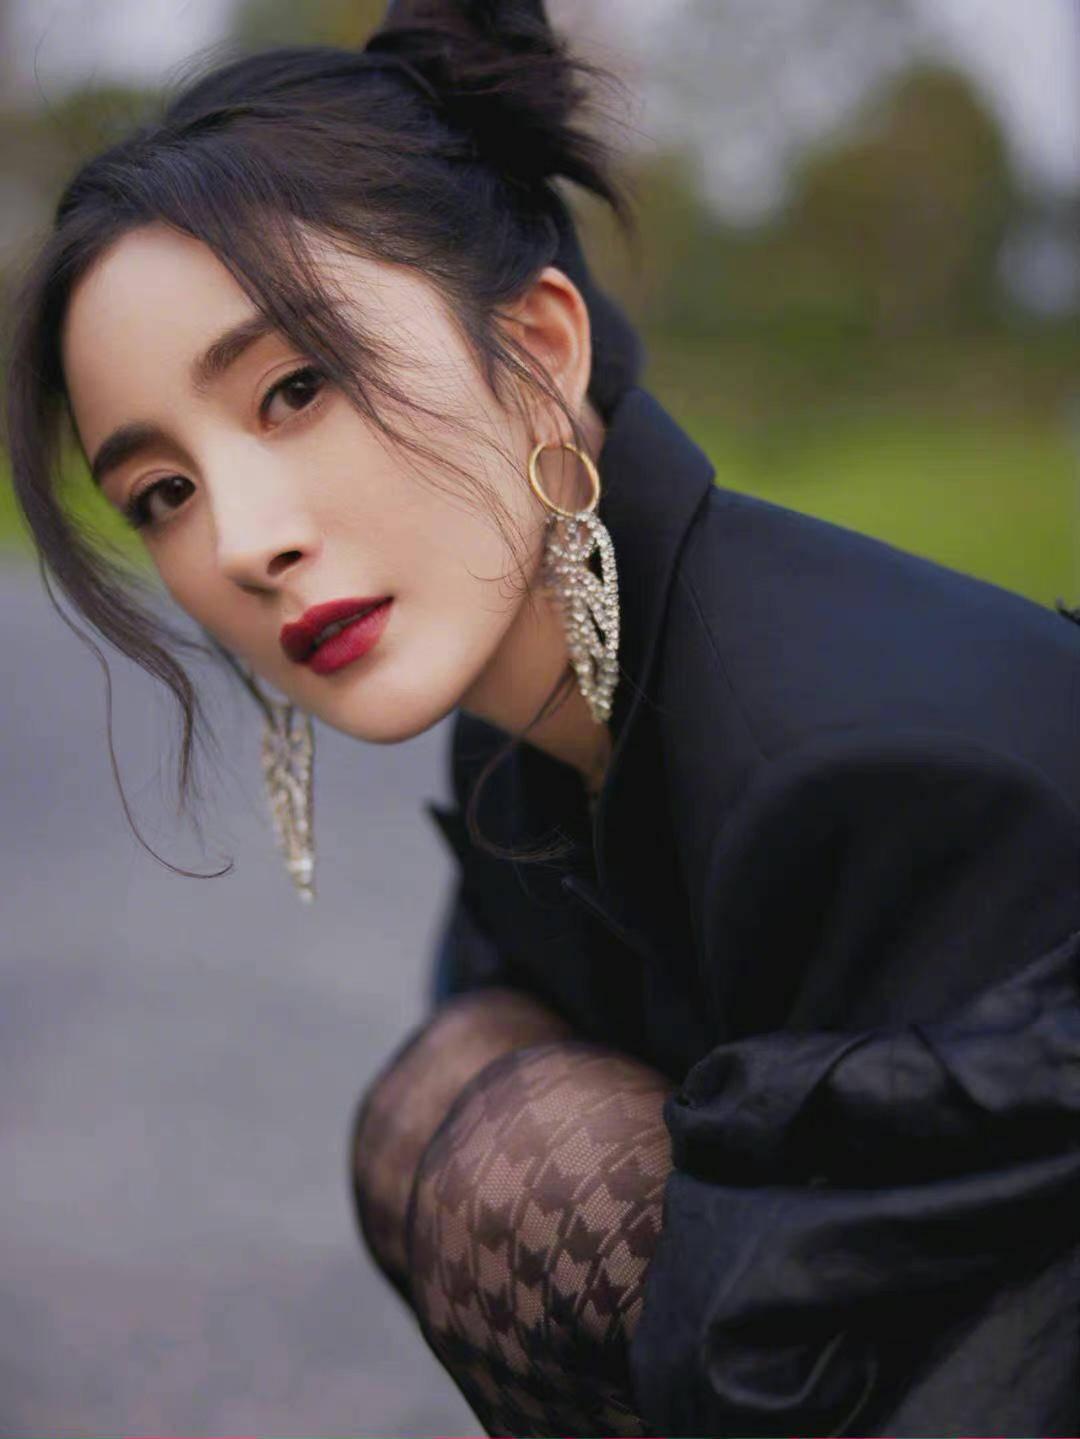 杨幂综艺节目造型超酷,双丸子头搭配夸张耳坠,黑色系装扮显灵动